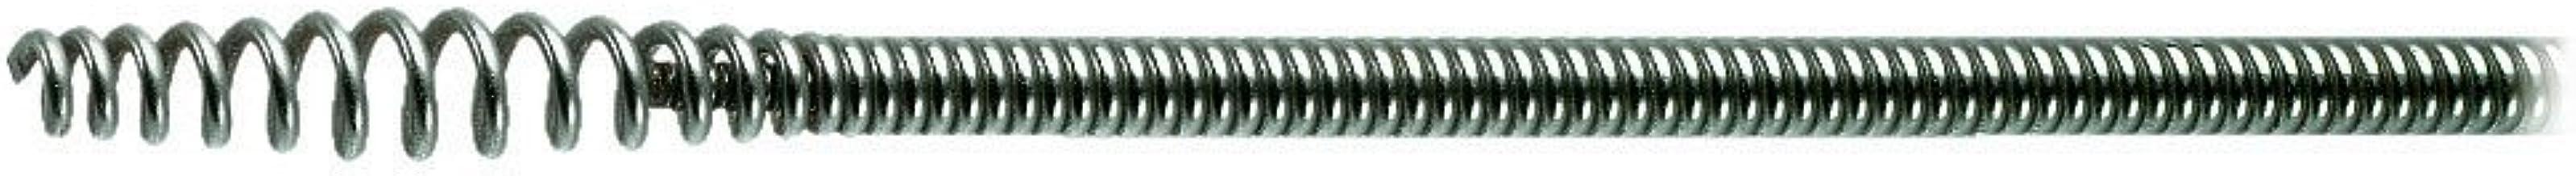 ROTHENBERGER 72412 - Espiral 8 mm 7,5 m.